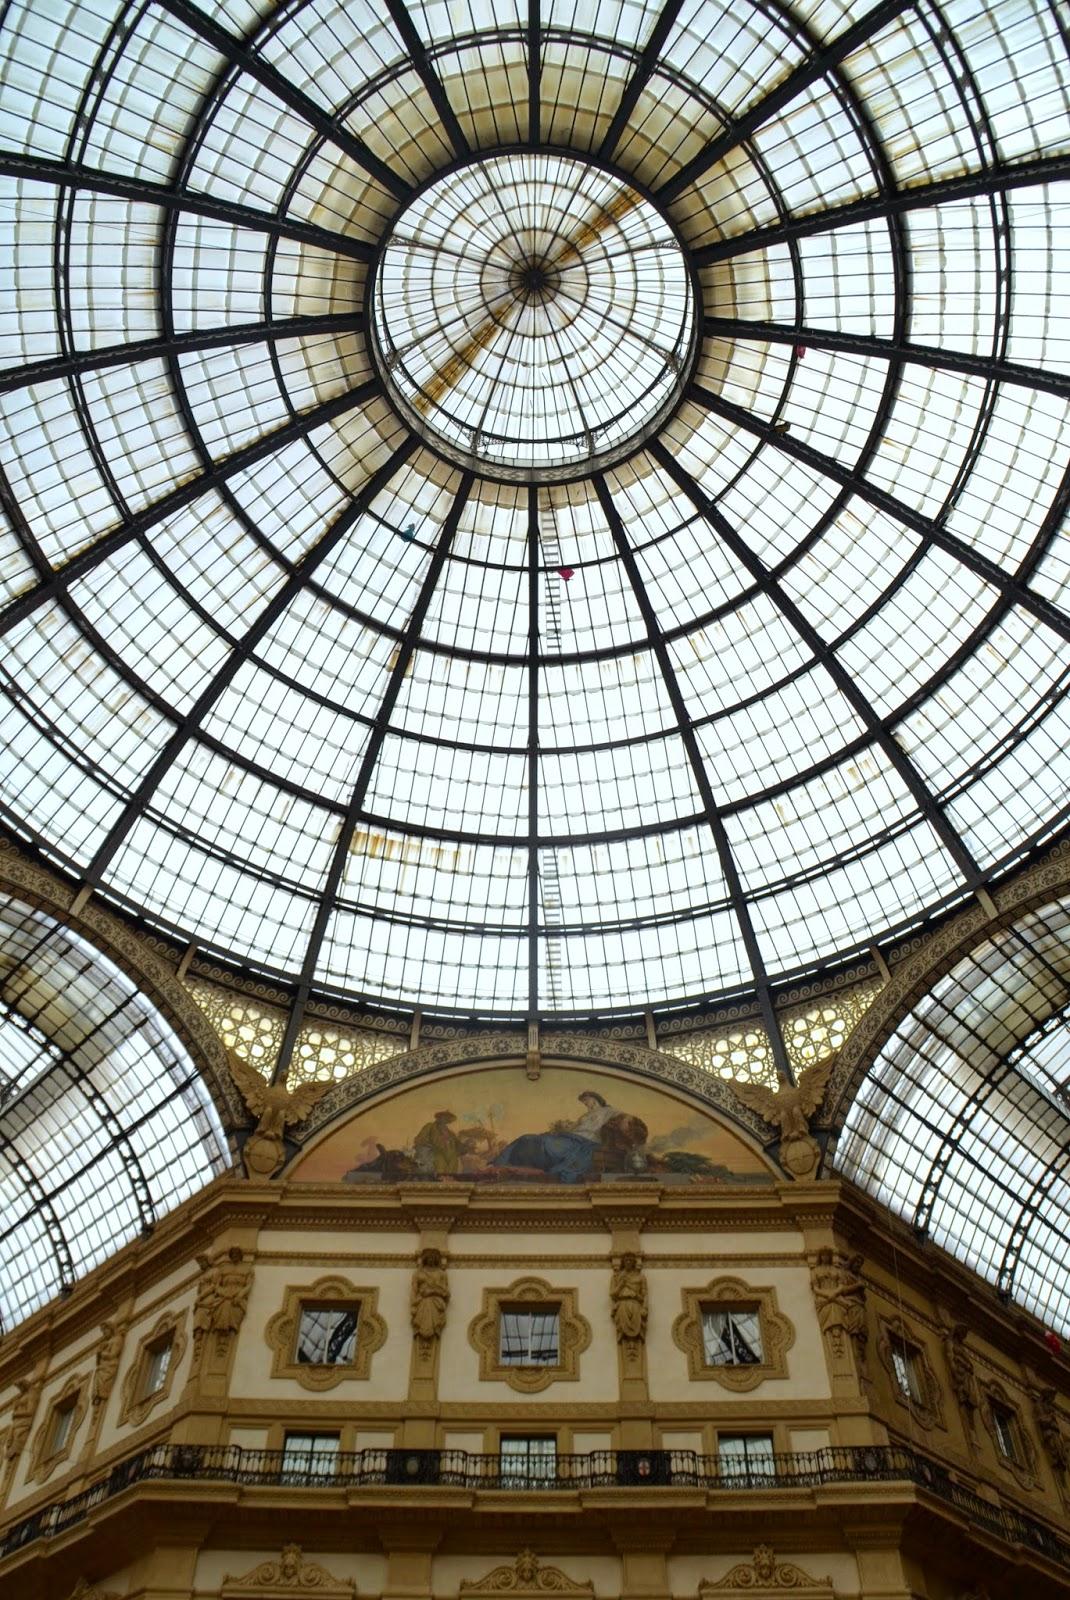 galleria-vittorio-emanuele-ceiling-milan-italy